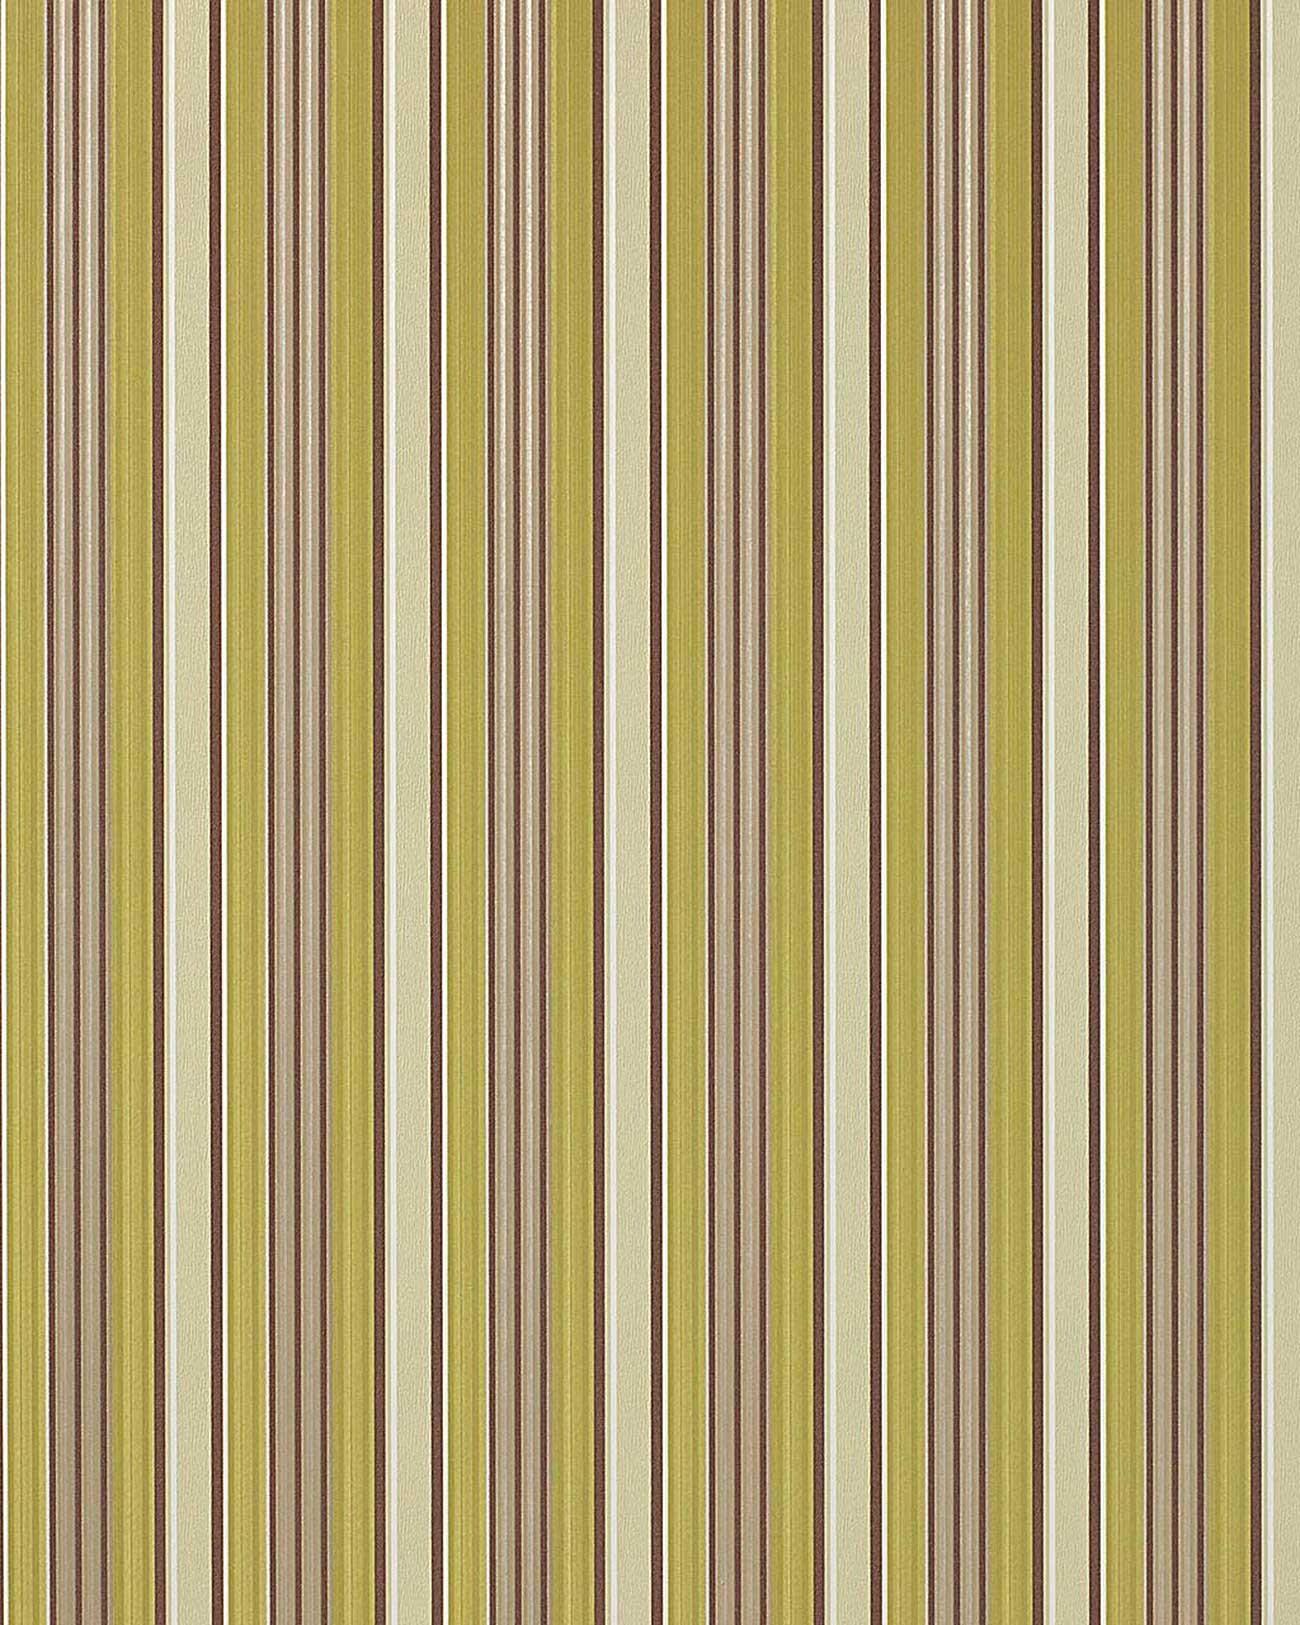 Papier peint de luxe ray couleur edem 825 28 brillant ivoire brun chocolat vert gris 70 cm for Papier peint luxe